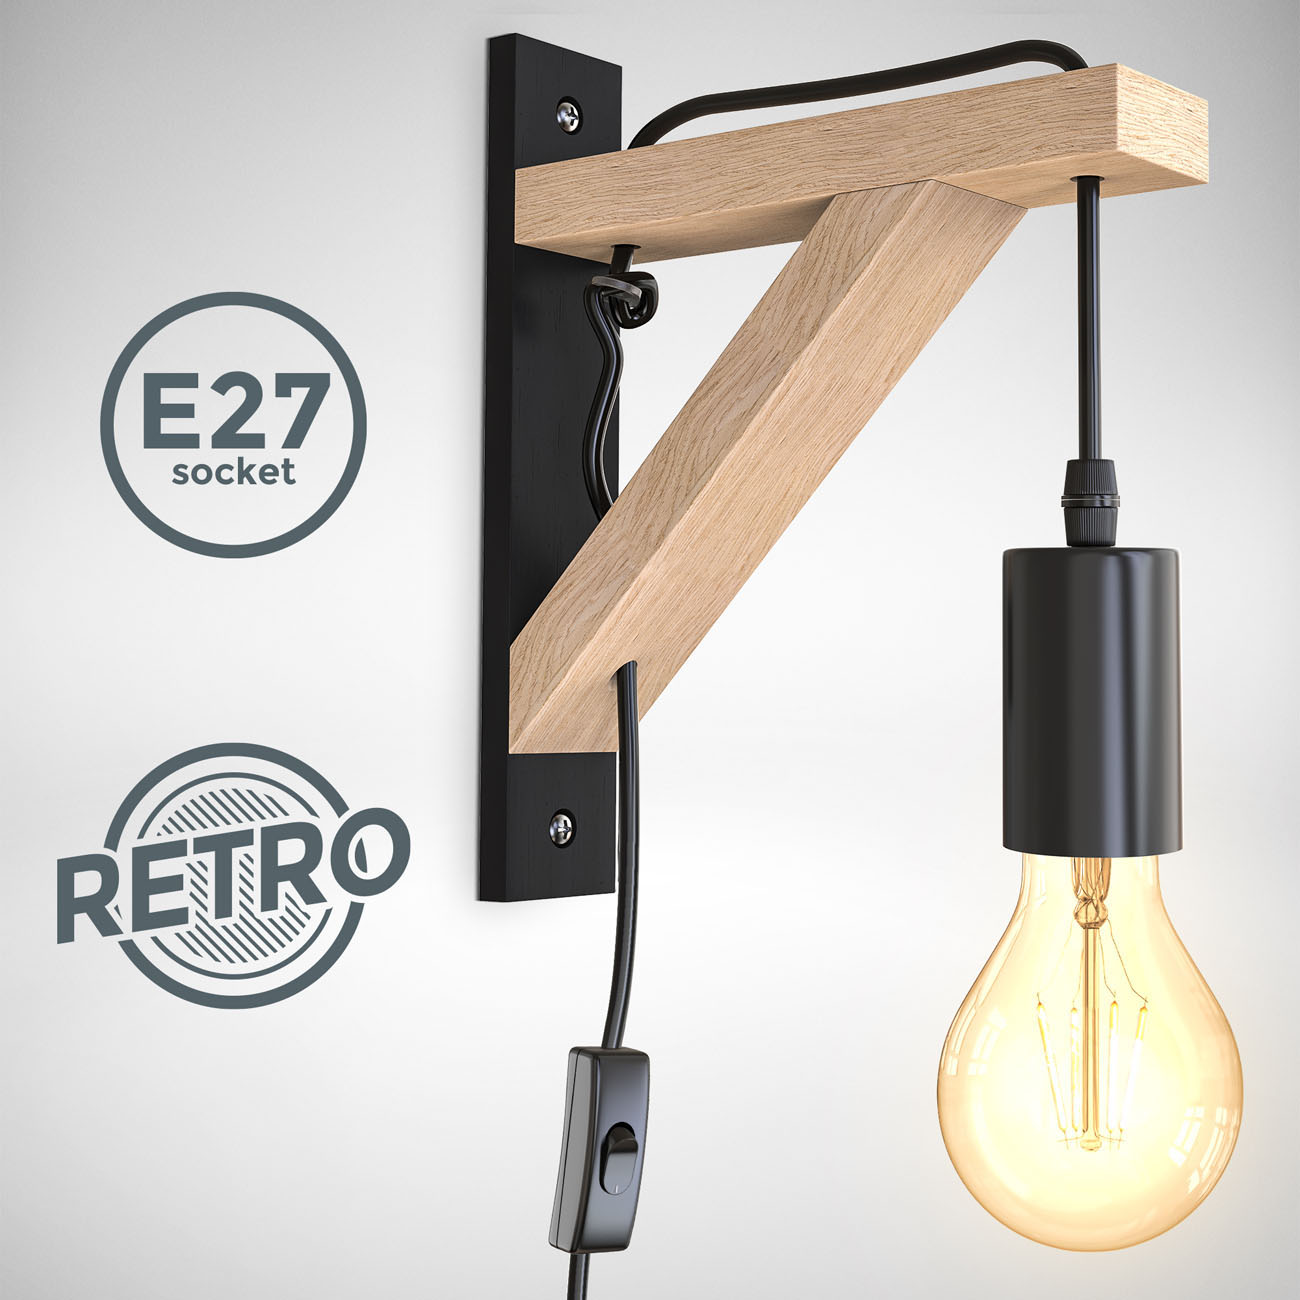 Retro Wandleuchte Schwarz-Naturholz Optik E27 - 3